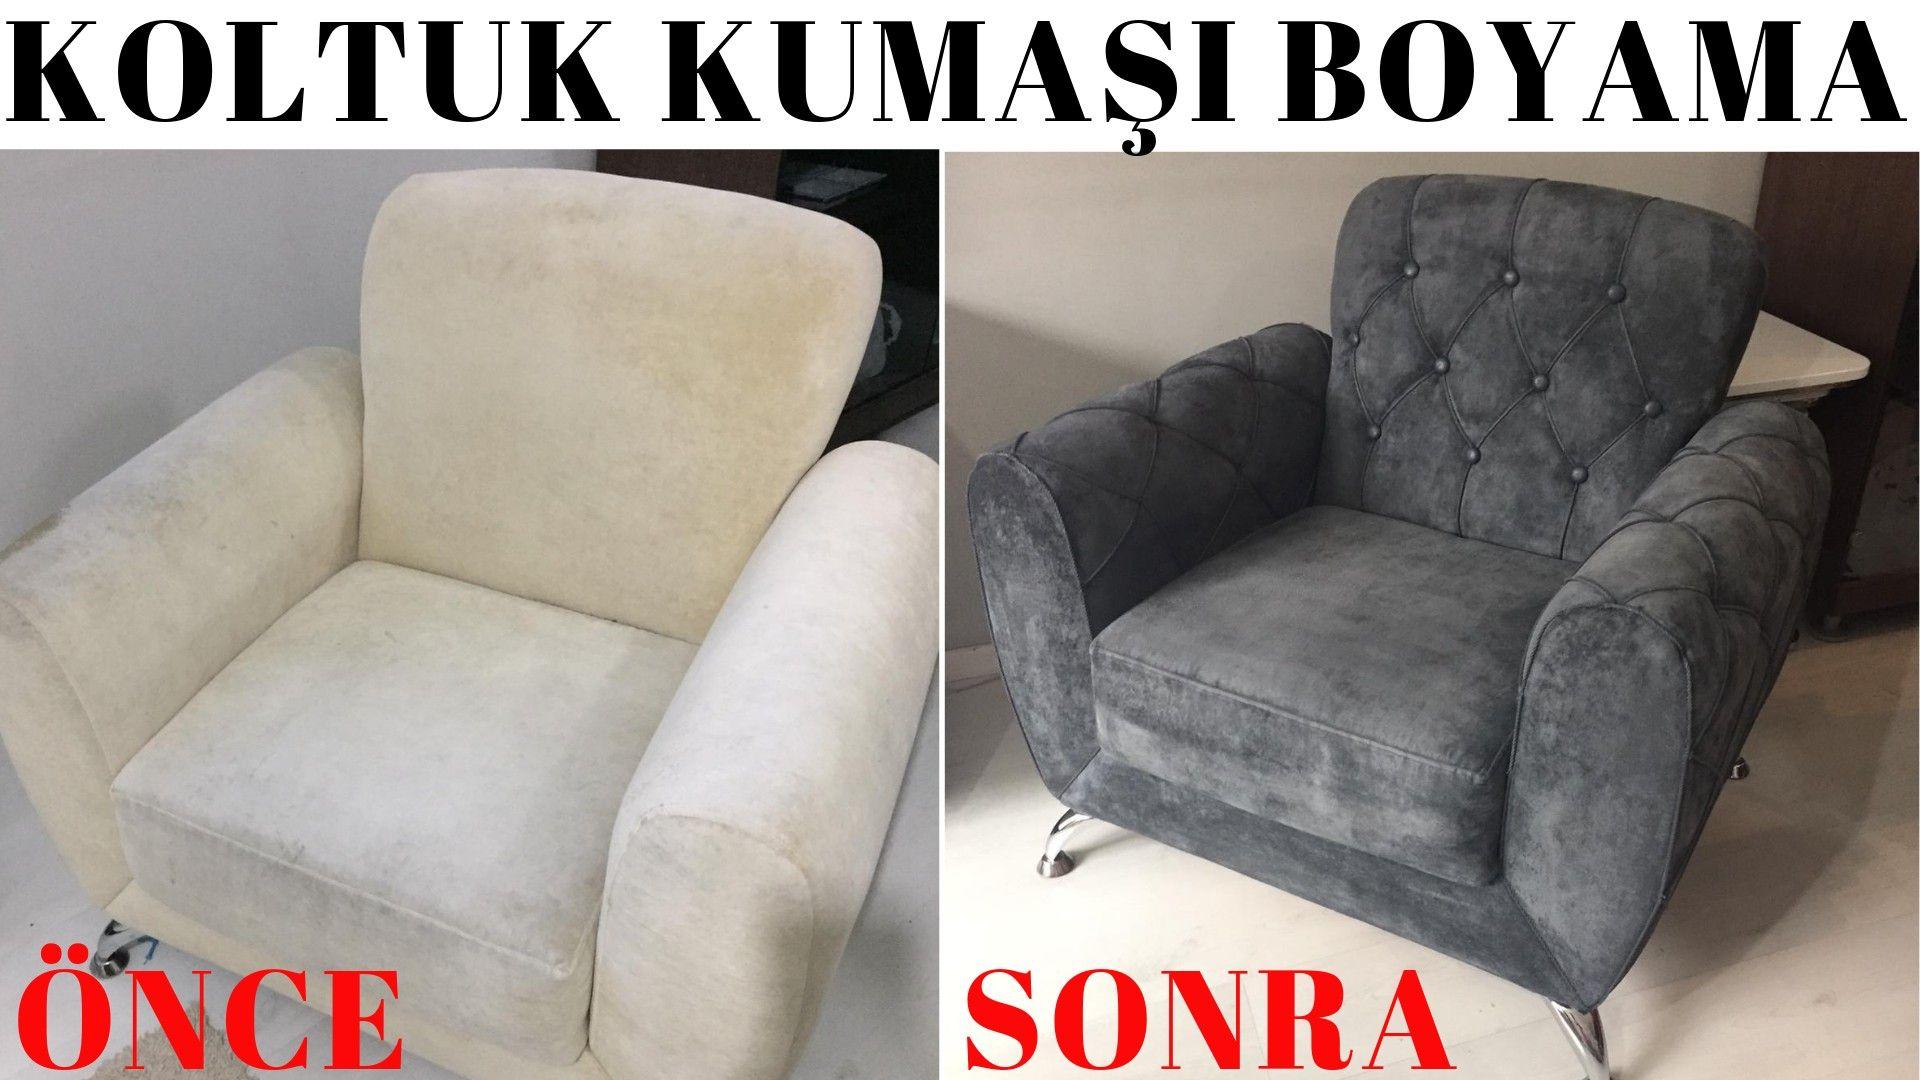 Furniturepainting Fabricpaint Fabricdesign Furnituremakeover Kumasboyama Koltukboyama Dosemeboyama Mobilyaboyam Koltuklar Mobilya Boyama Ev Dekorasyonu